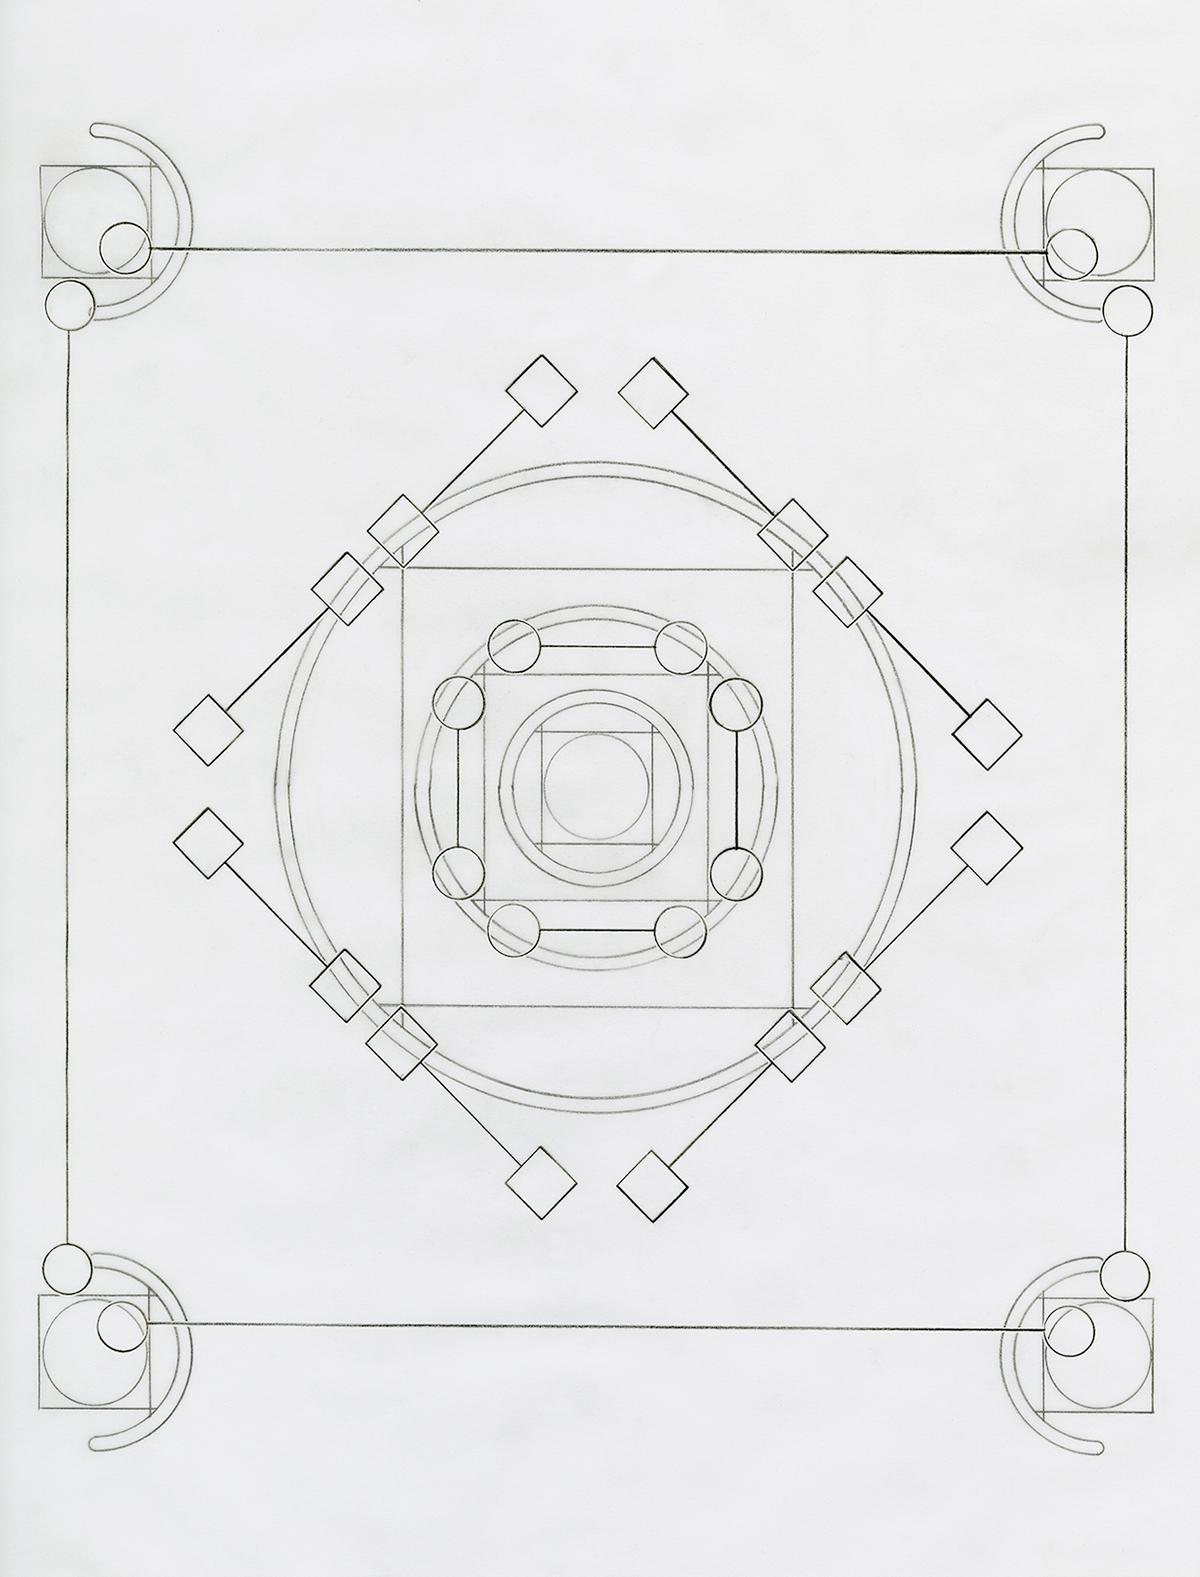 Draw Logic Circuits - Dolgular.com